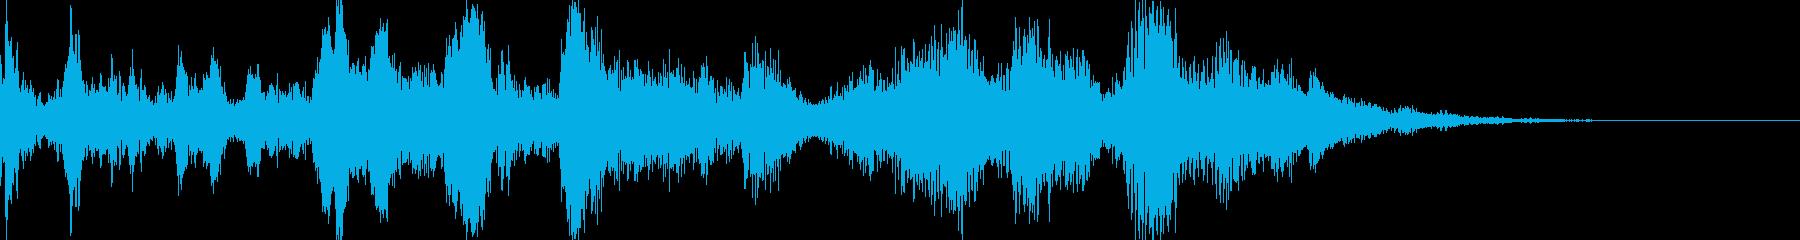 大型の機械の電源が落ちた音の再生済みの波形